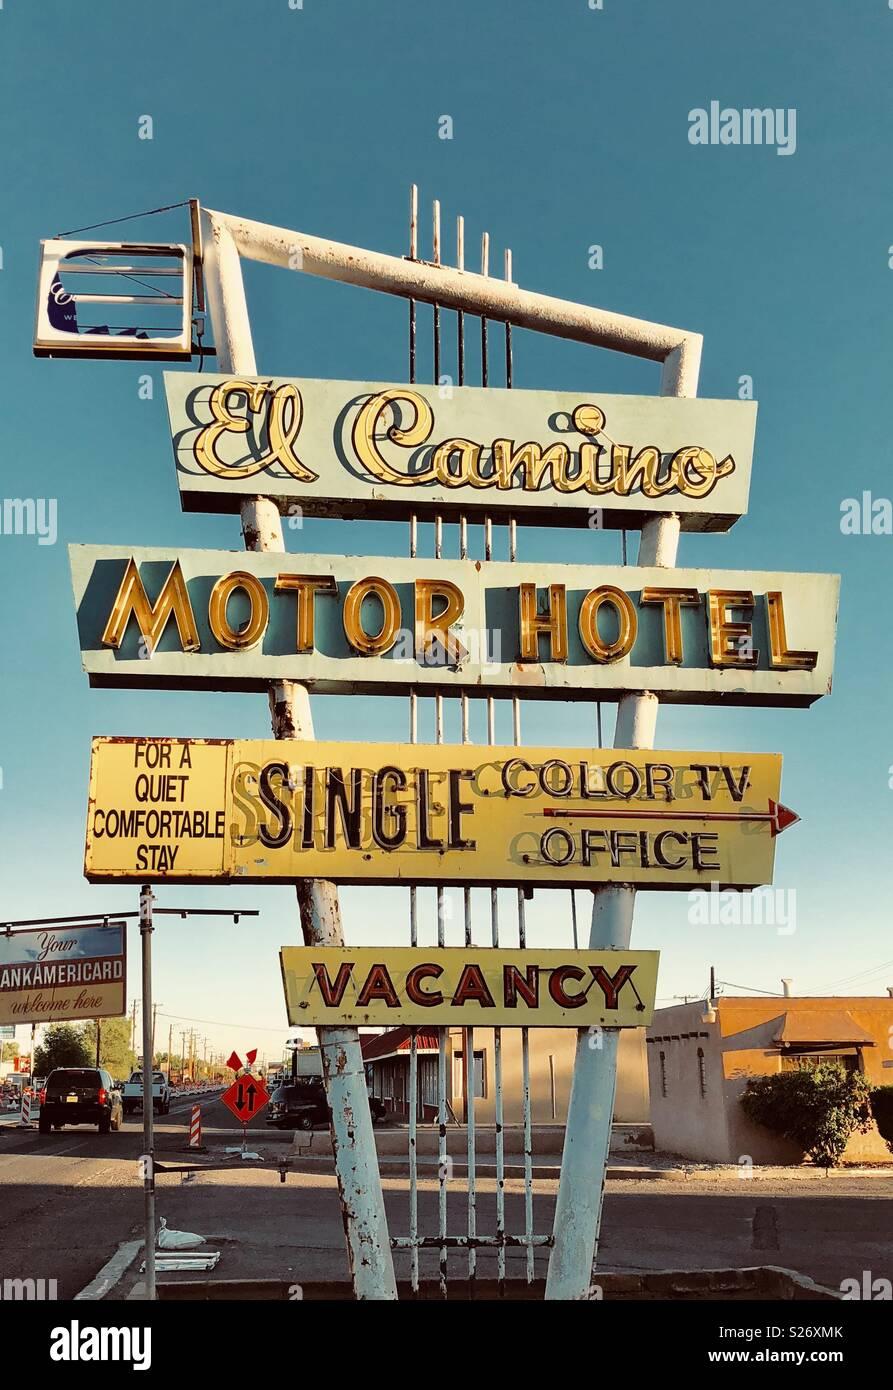 El Camino Motor Hotel, Los Ranchos, New Mexico - Stock Image